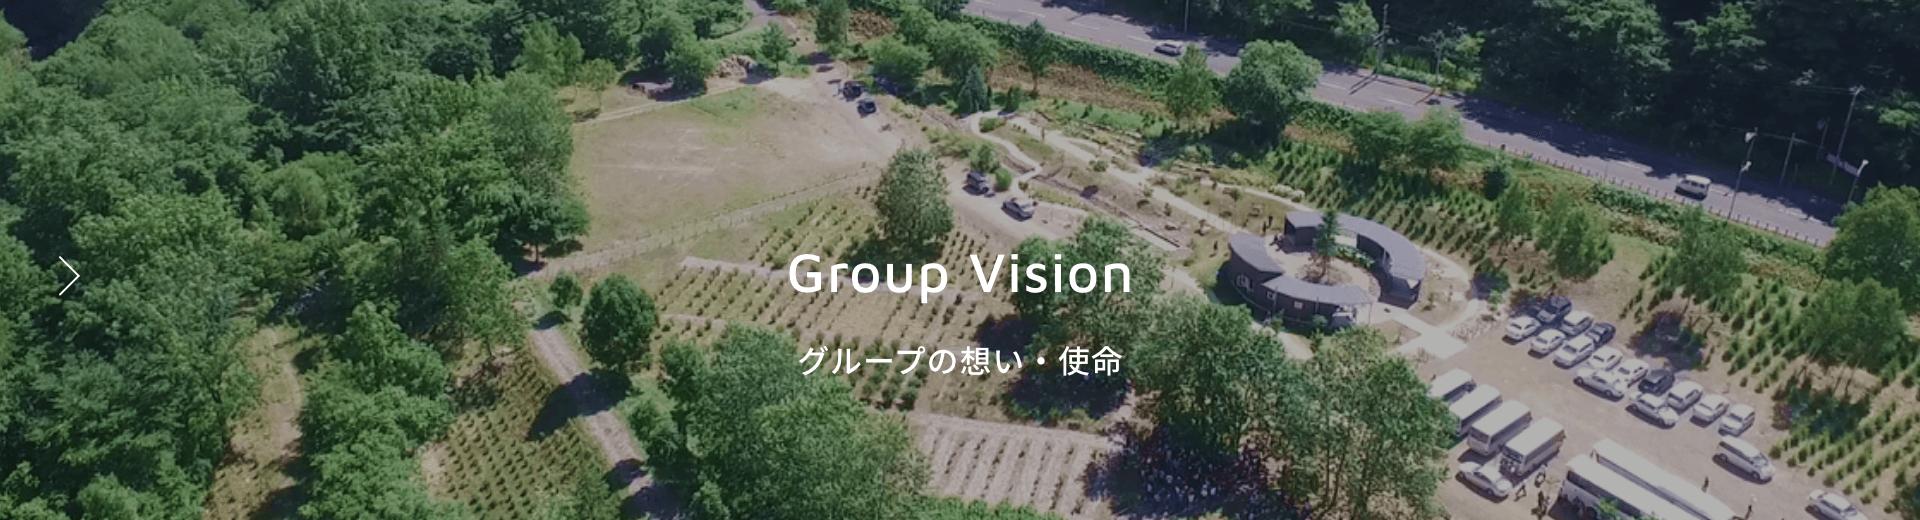 グループの想い・使命